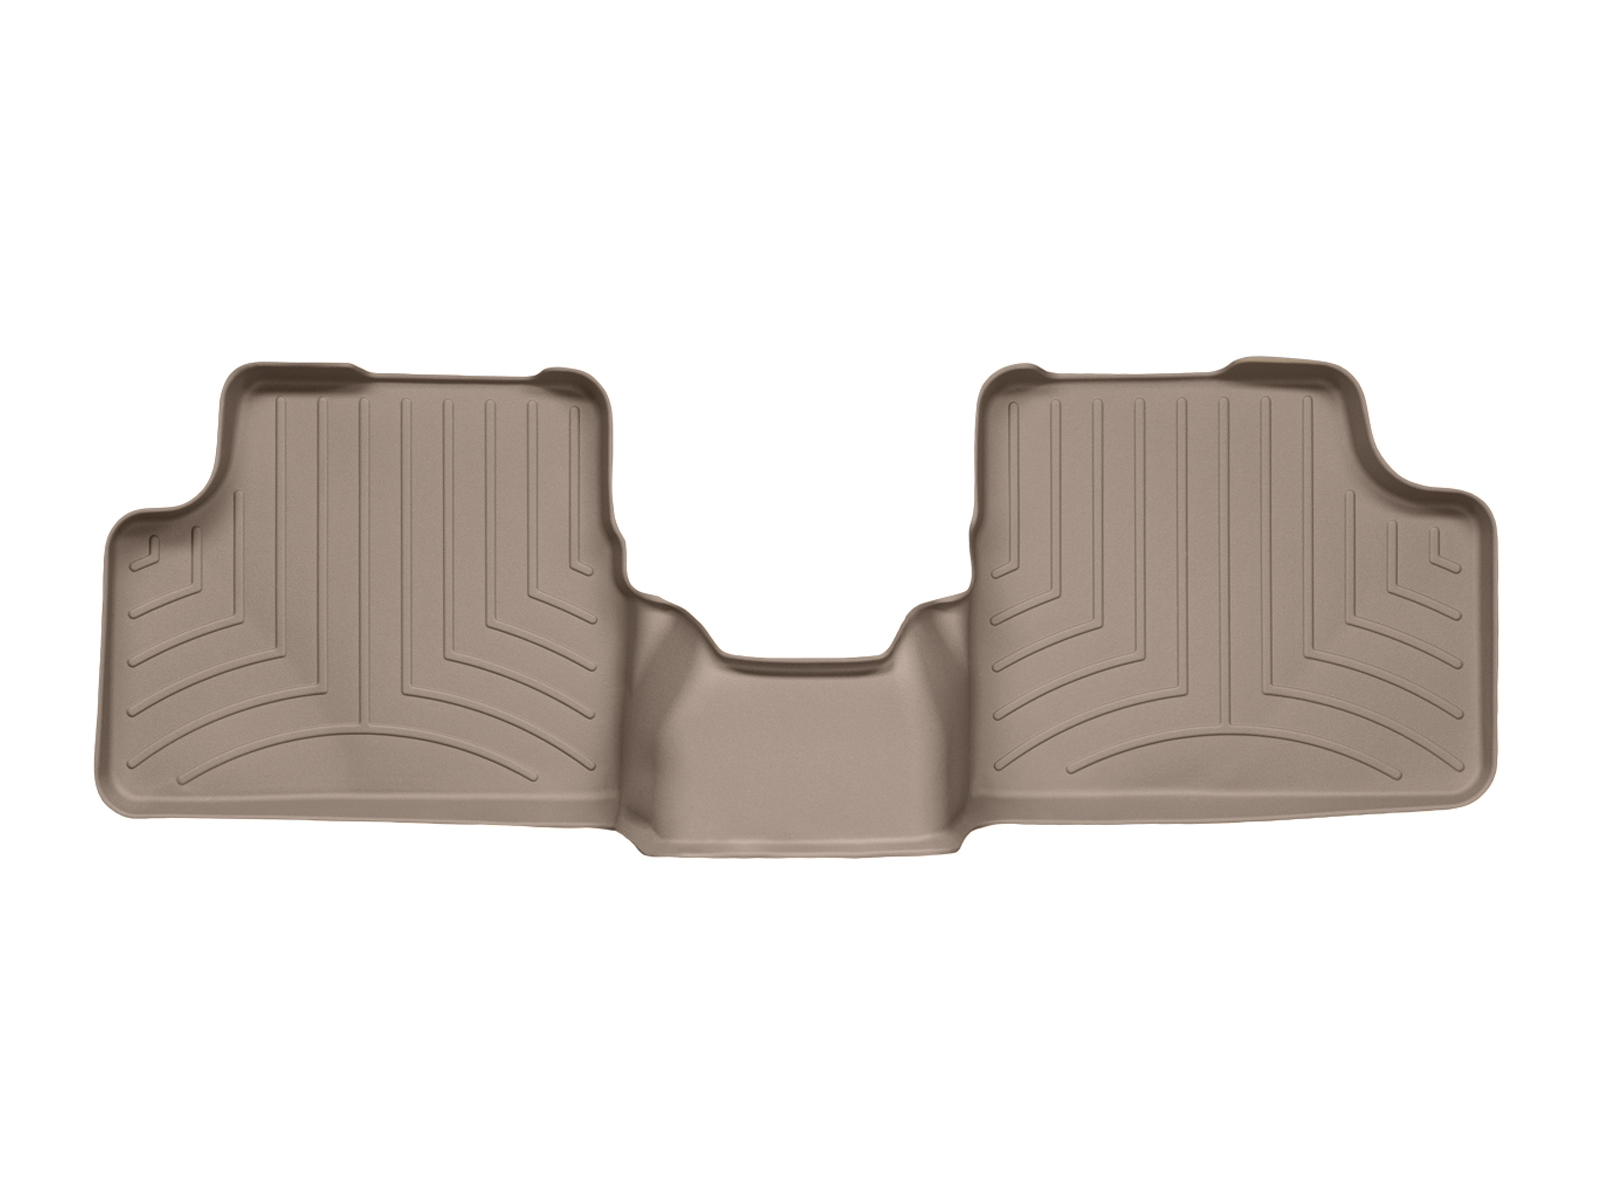 Tappeti gomma su misura bordo alto Opel Astra 09>09 Marrone A2961